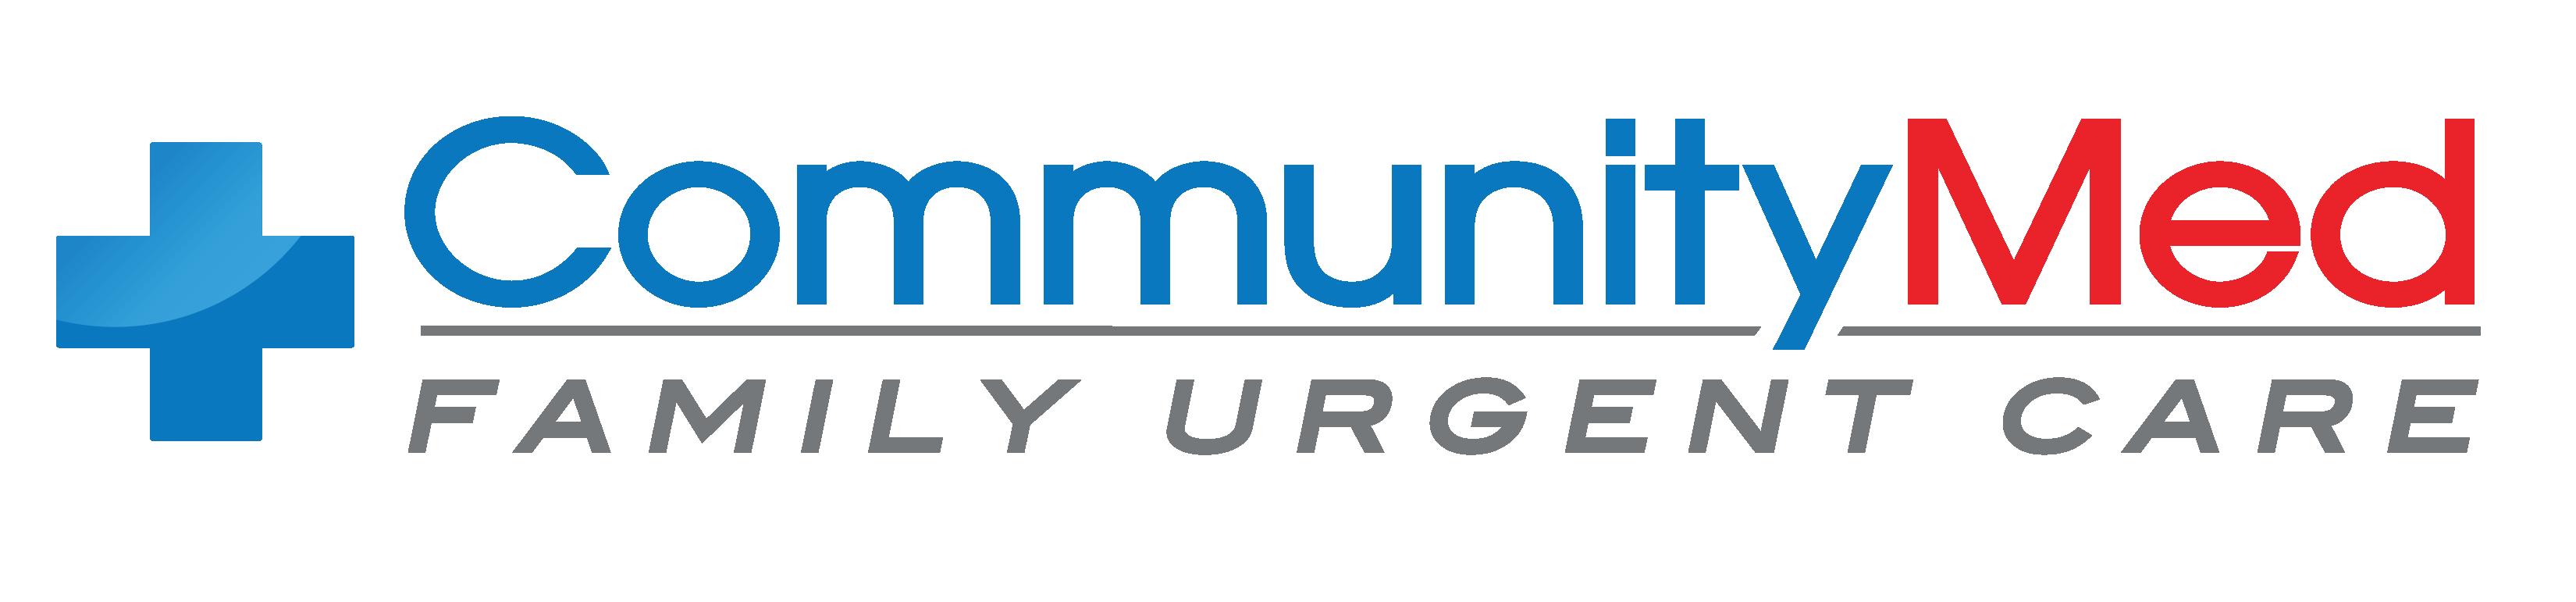 Community family urgent care logo   large 01